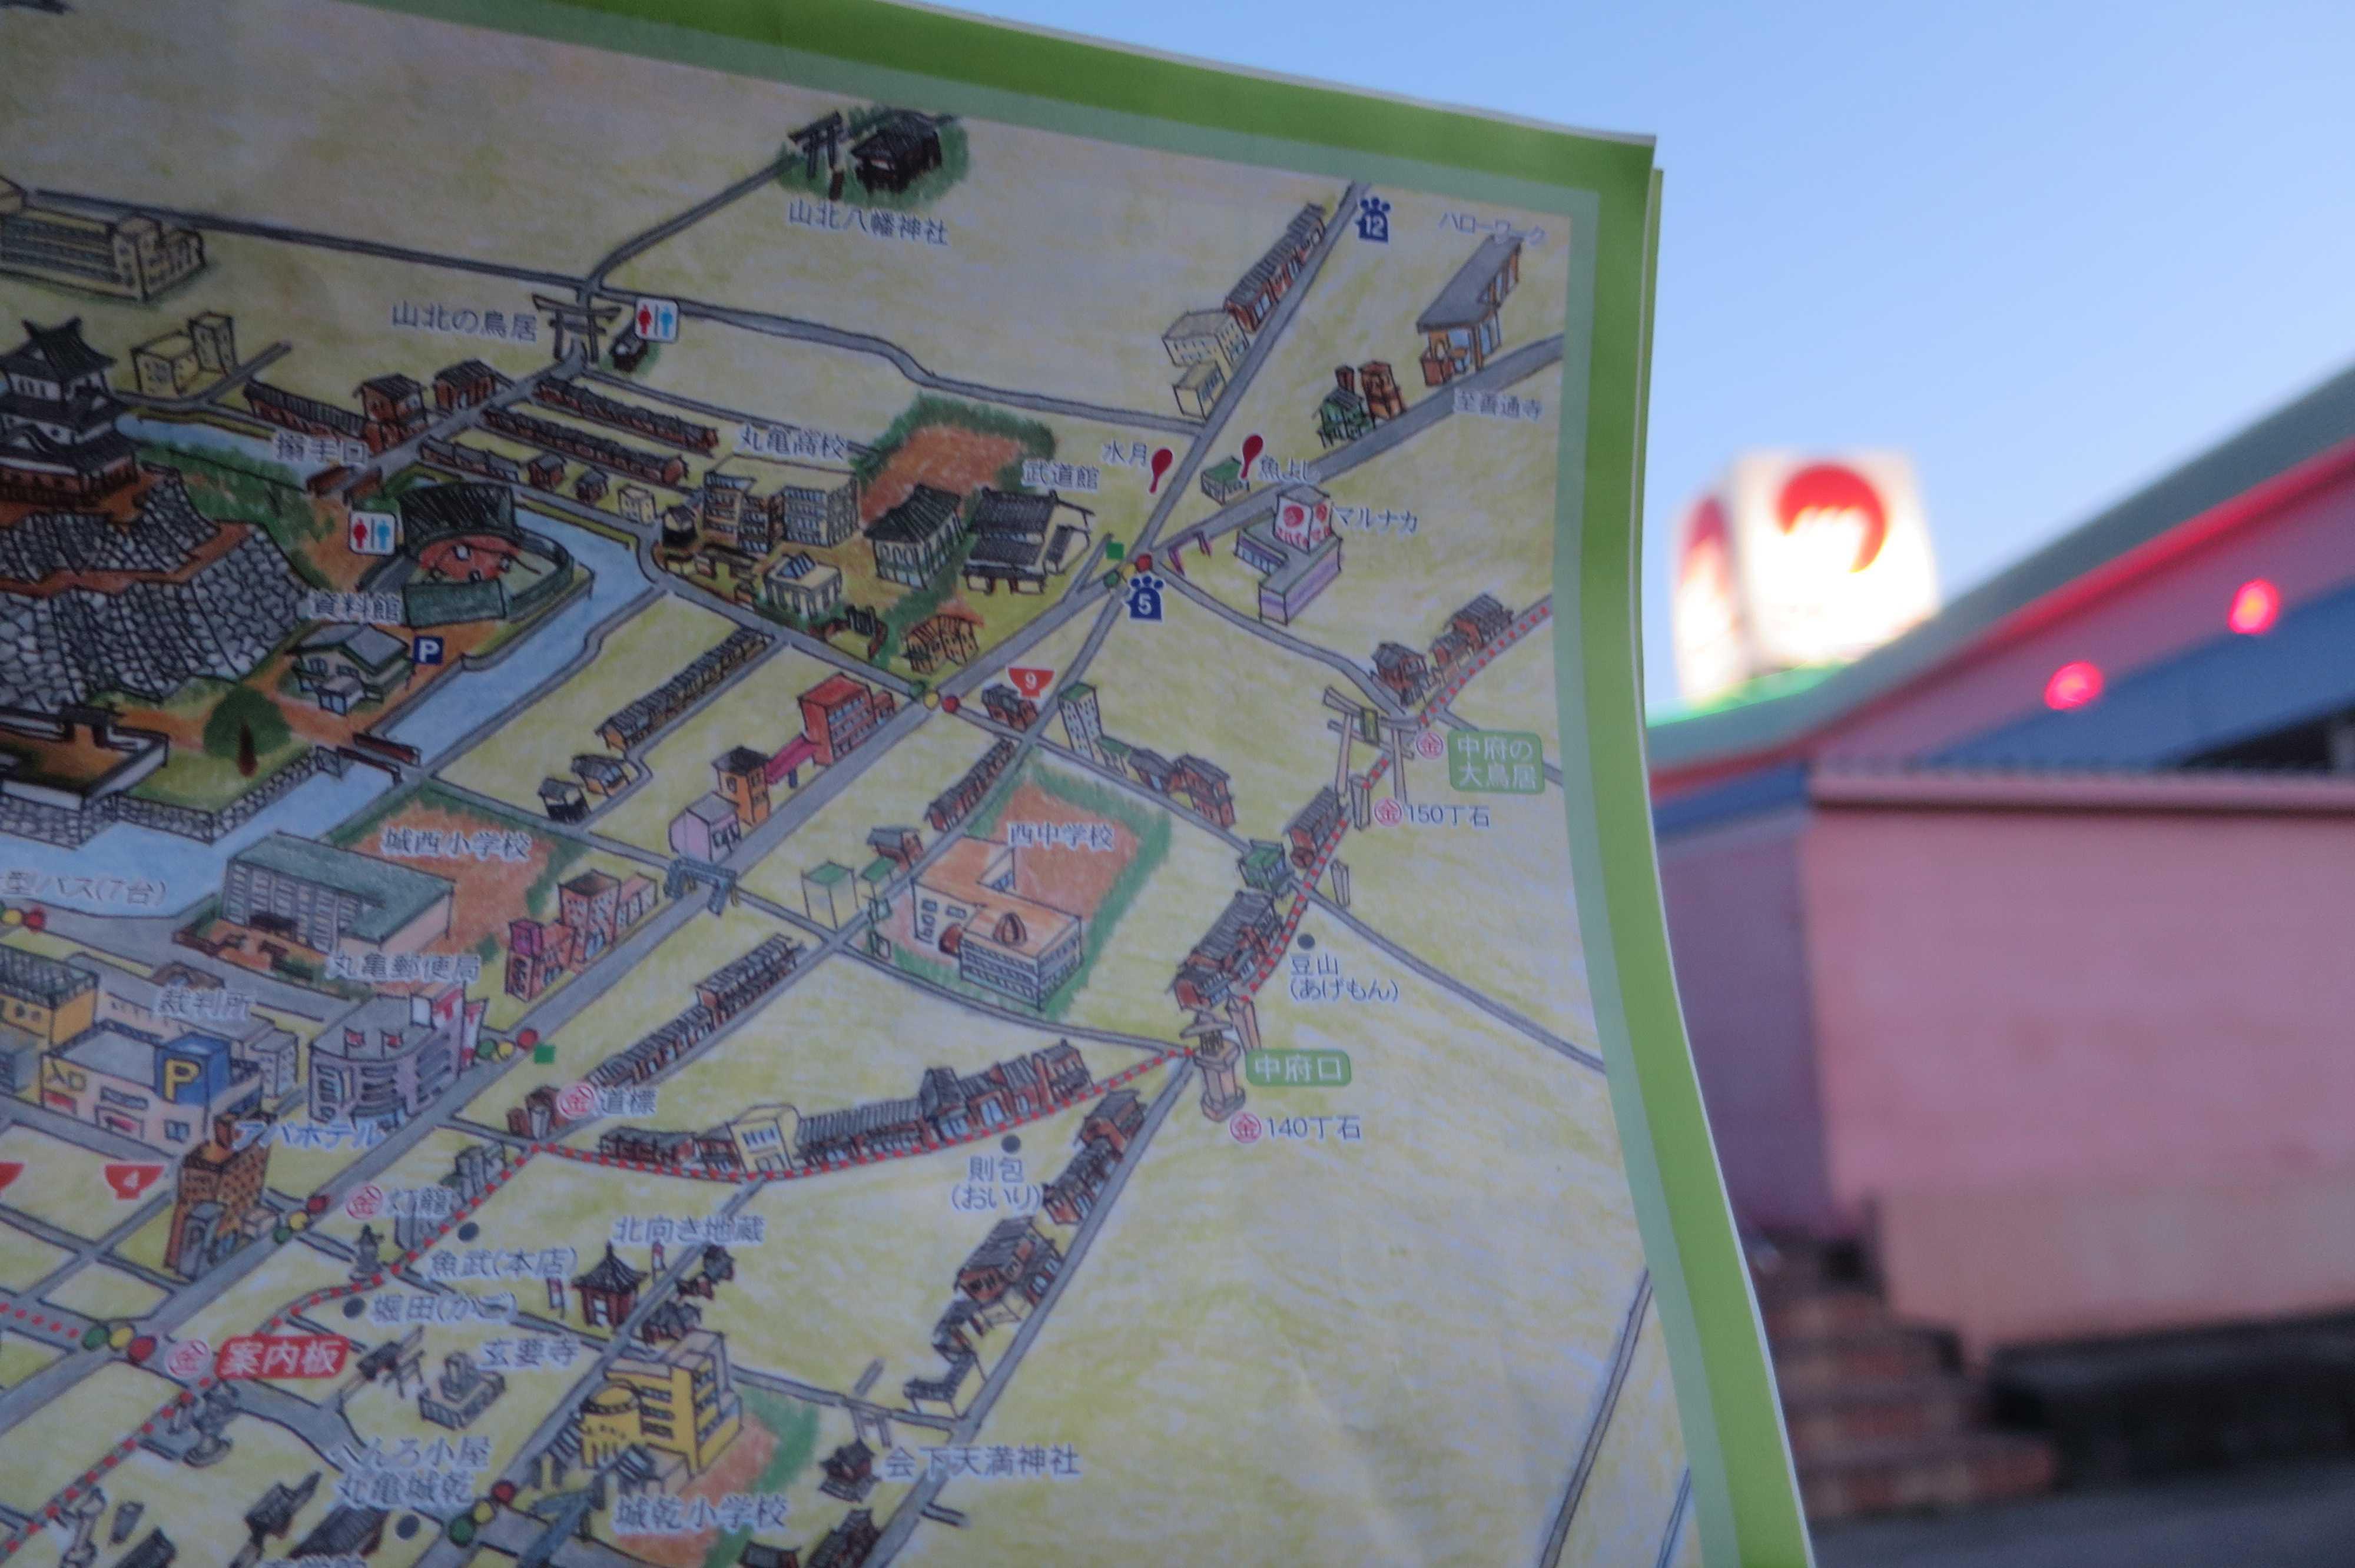 丸亀わんだふるマップの金毘羅街道部分